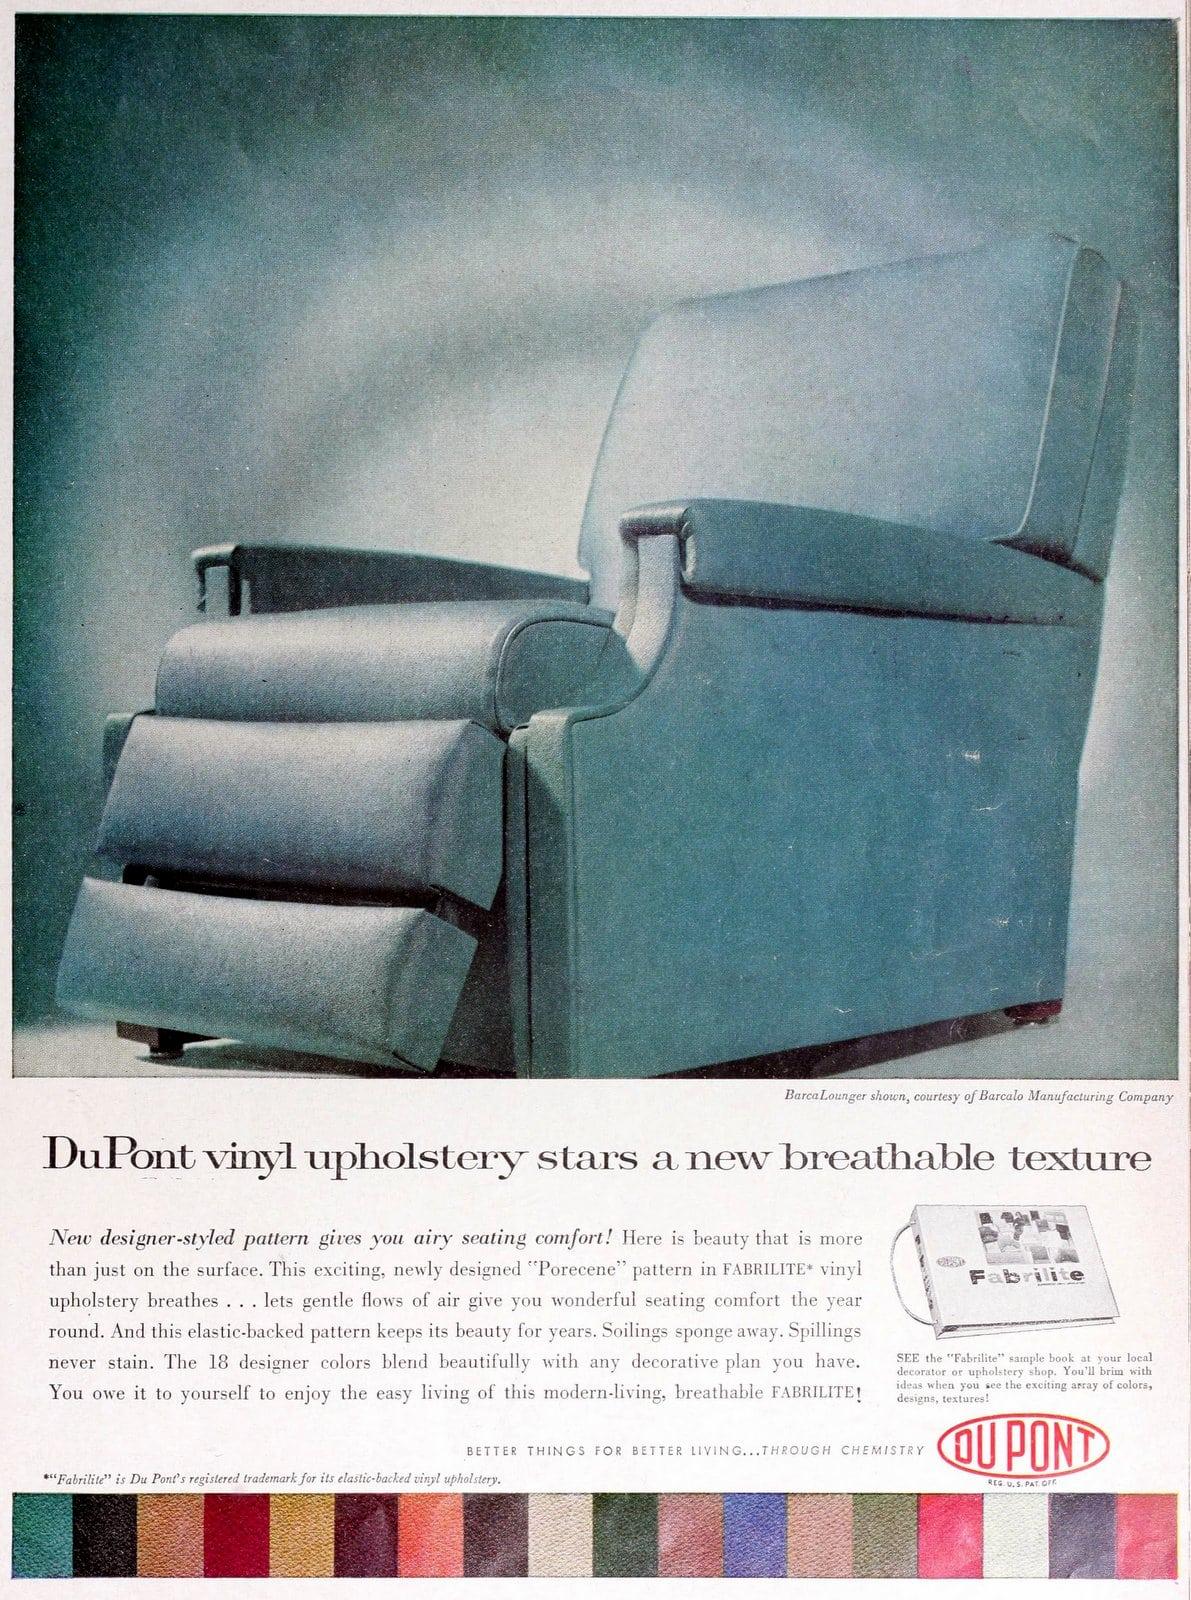 Blue vinyl BarcaLounger recliner (1960)